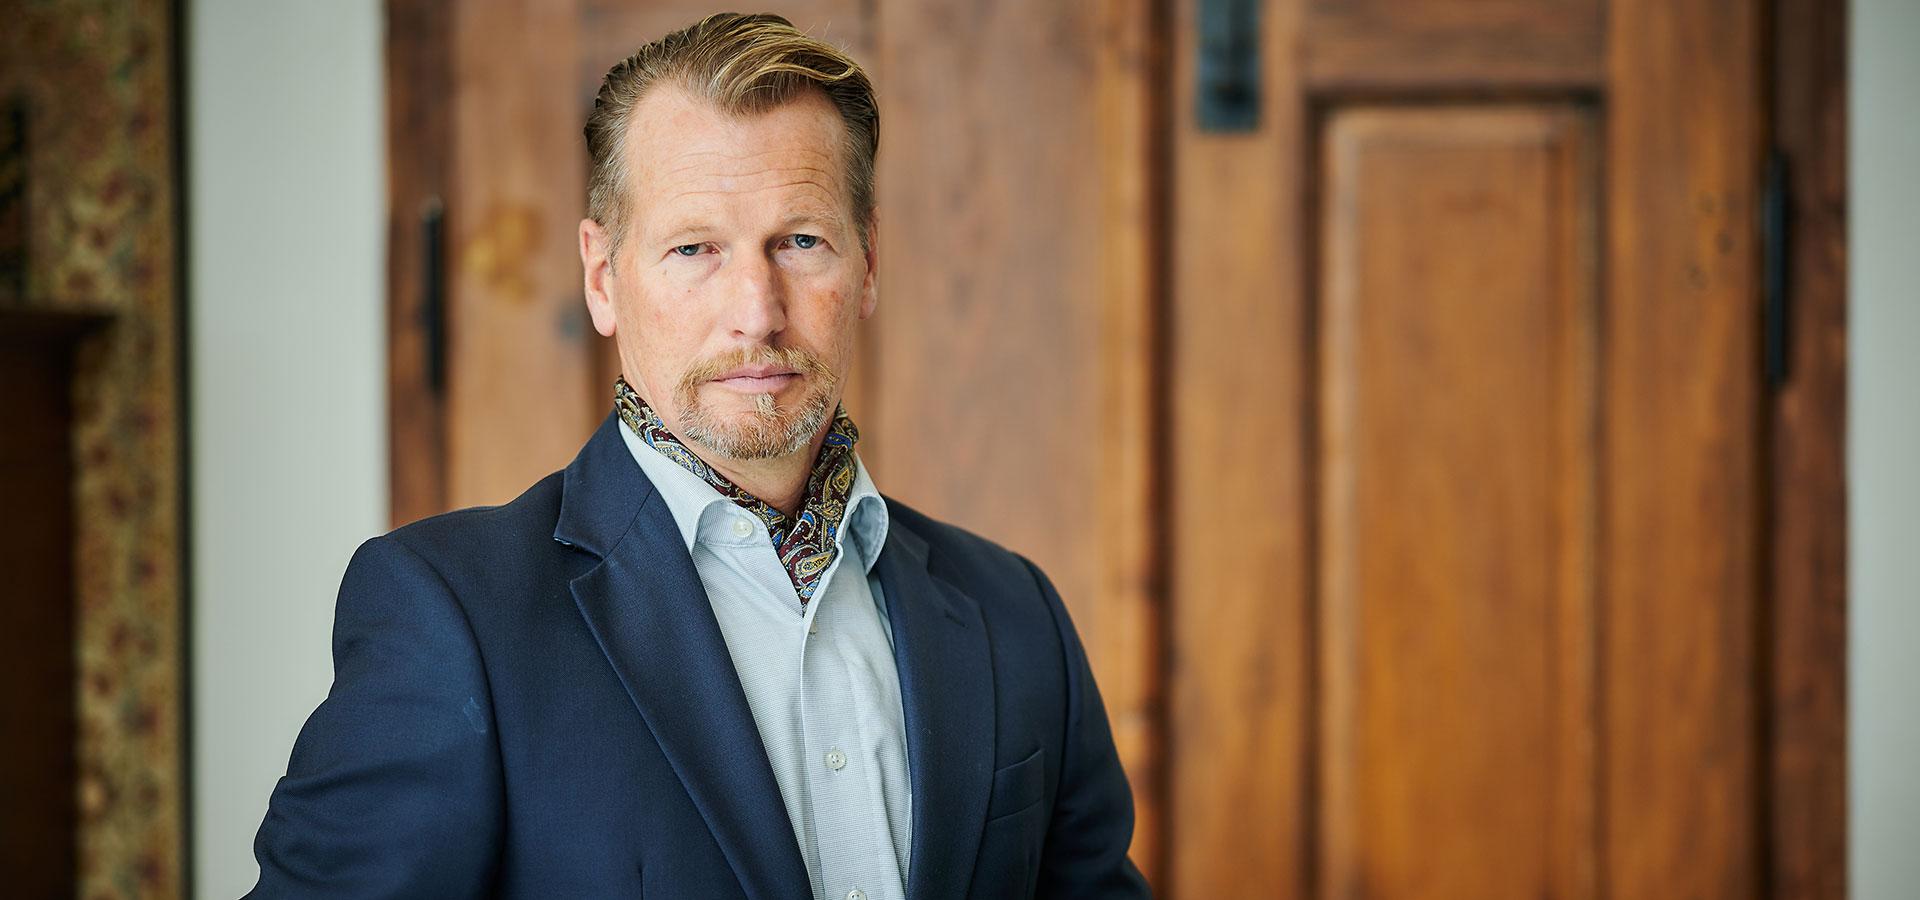 Rechtsanwalt Lippold Freiherr von Rössing, Ihr Ansprechpartner beim Thema Sanierungsrecht